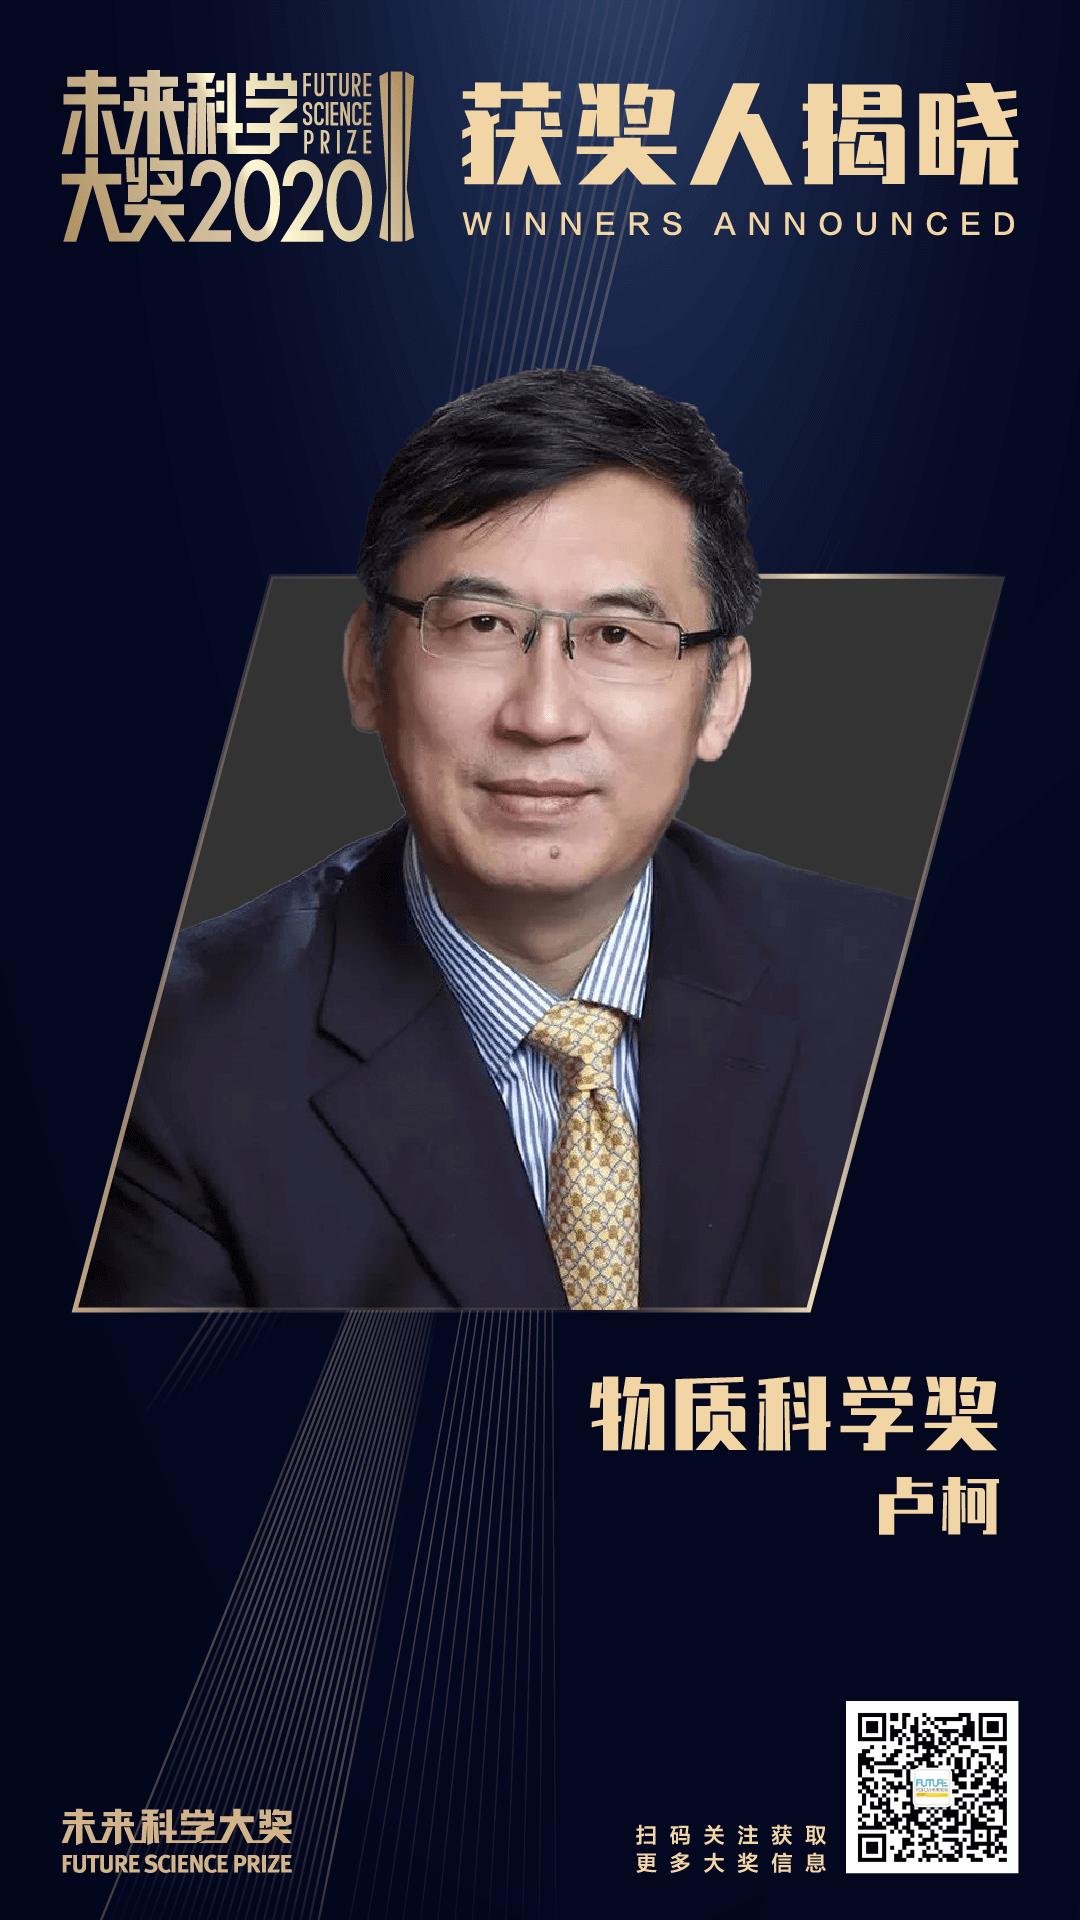 香港高等研究院資深院士盧柯教授榮獲 2020未來科學大獎-物質科學獎